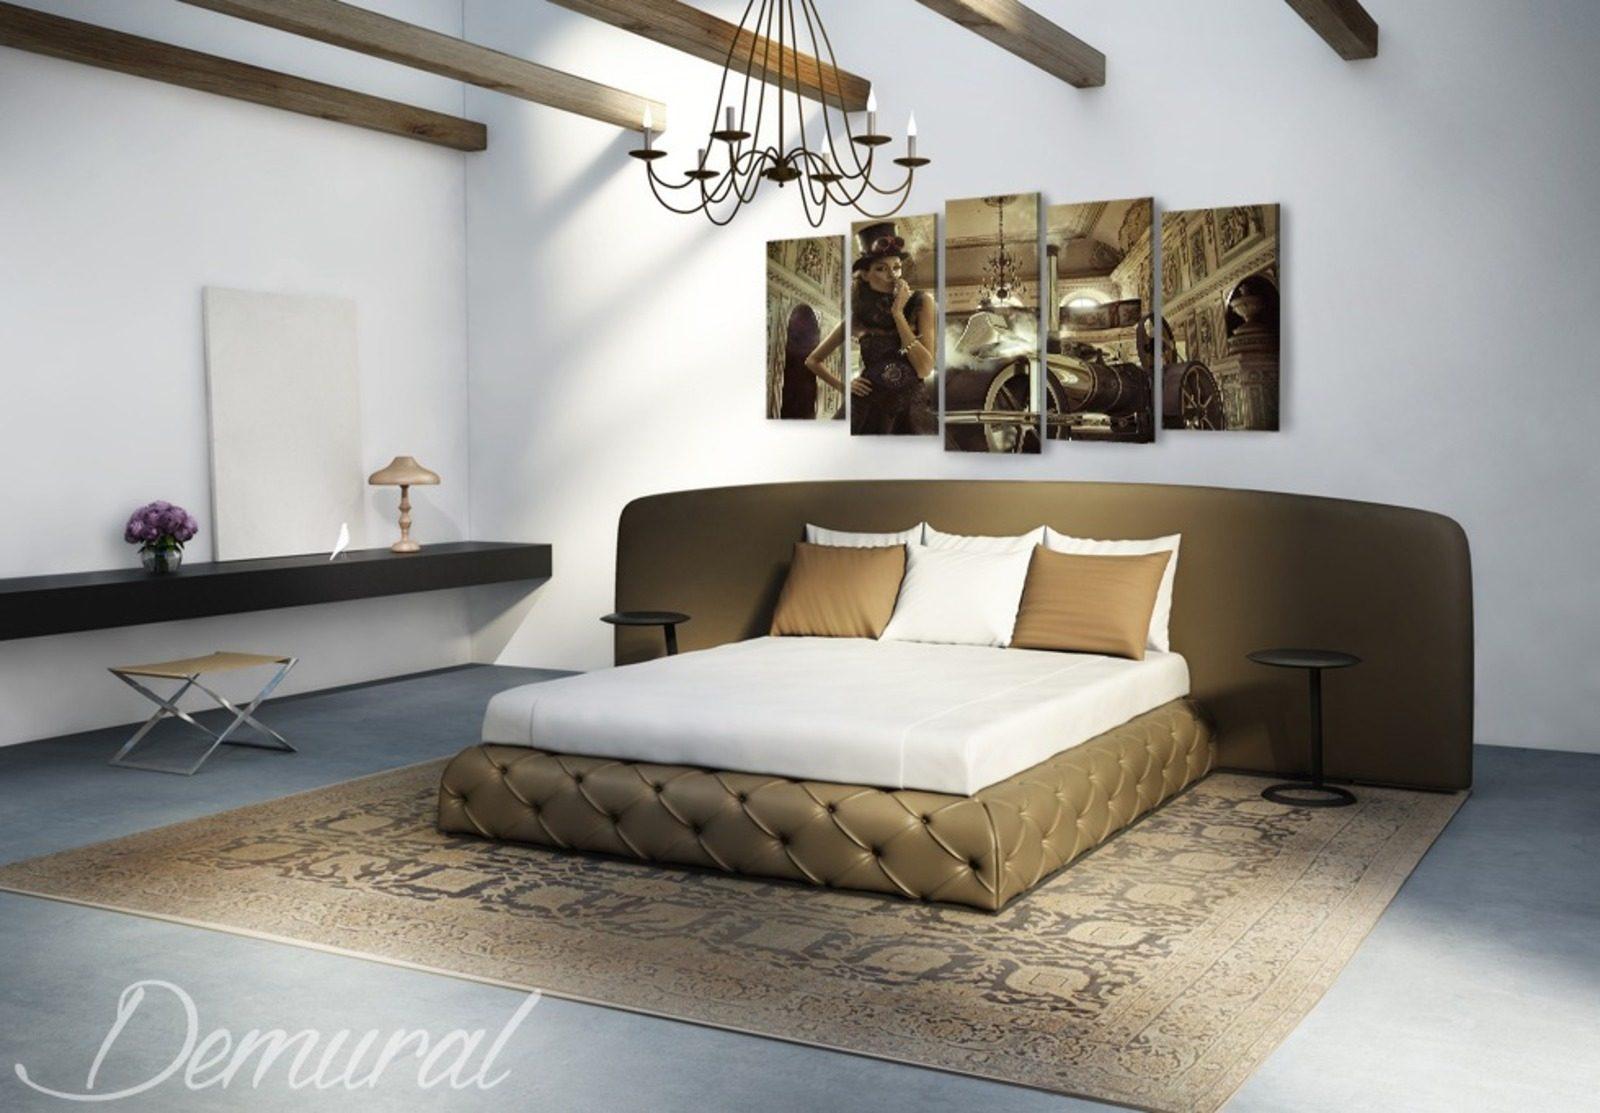 Parken im schlafzimmer bilder für schlafzimmer bilder demural